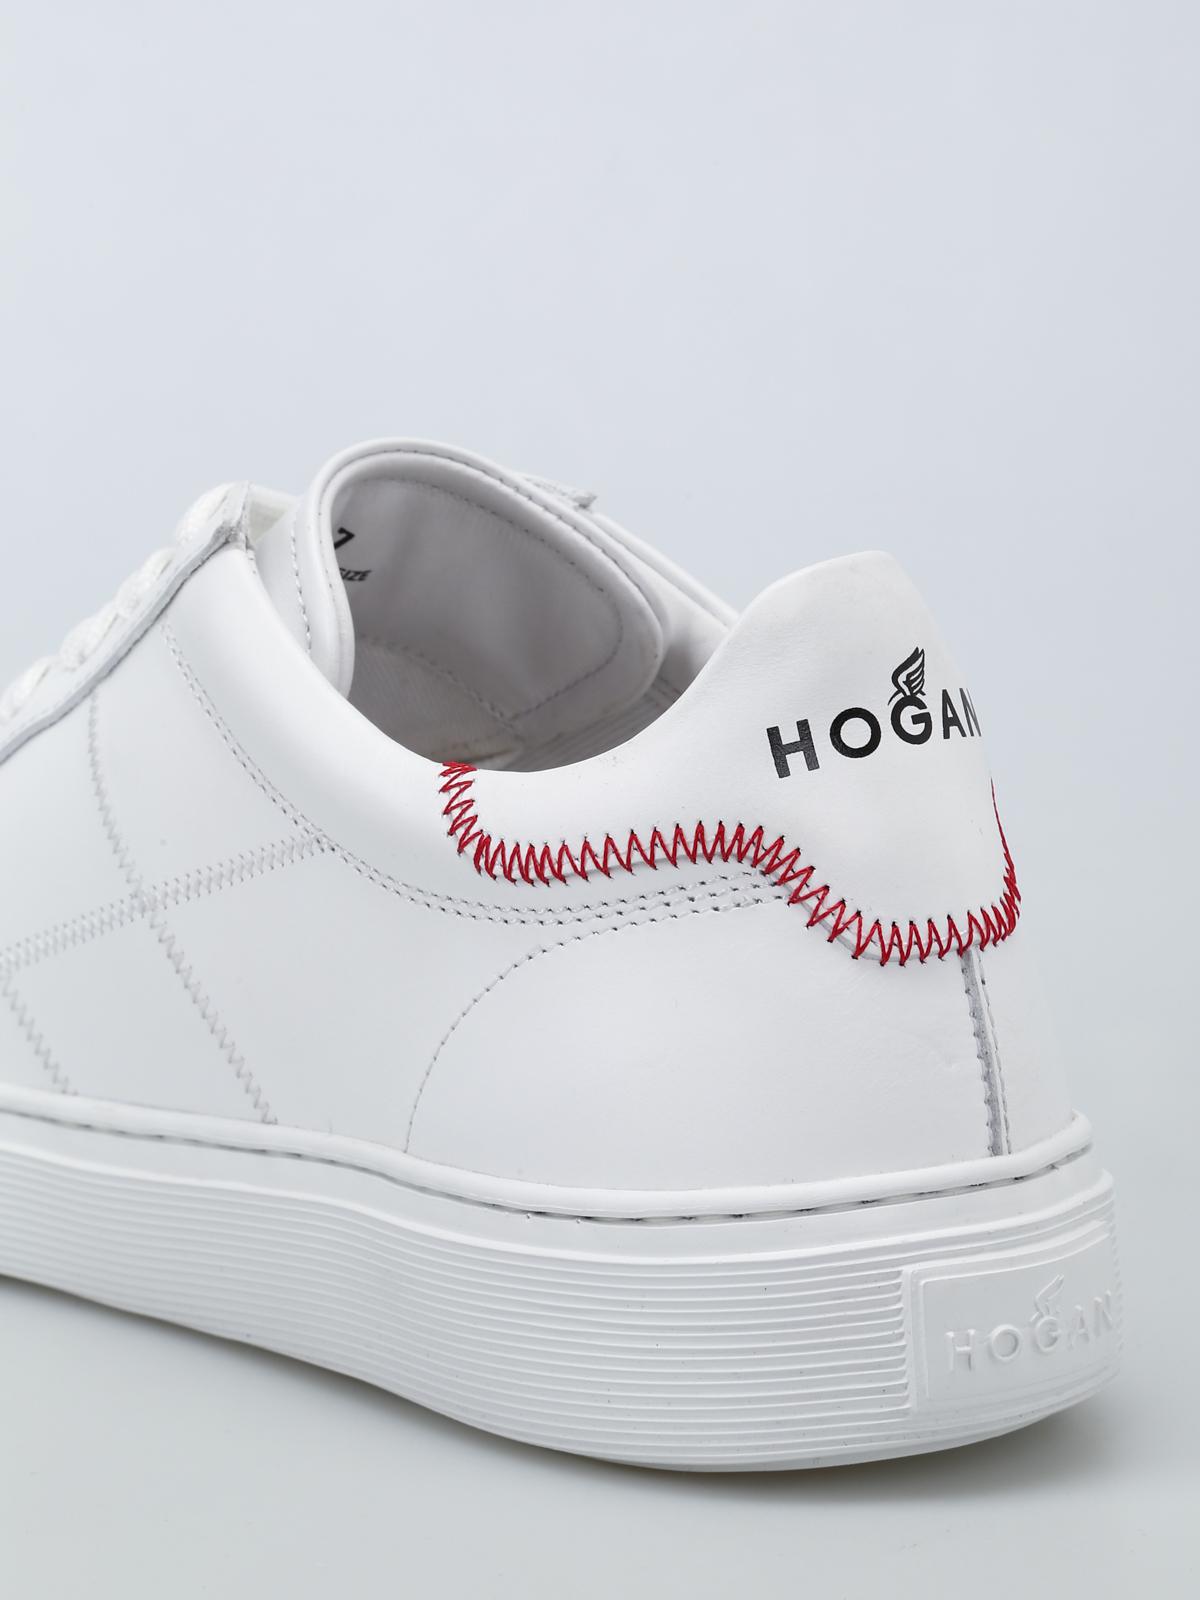 Trainers Hogan - H365 exposed stitchings sneakers - HXM3650K692KLAB001